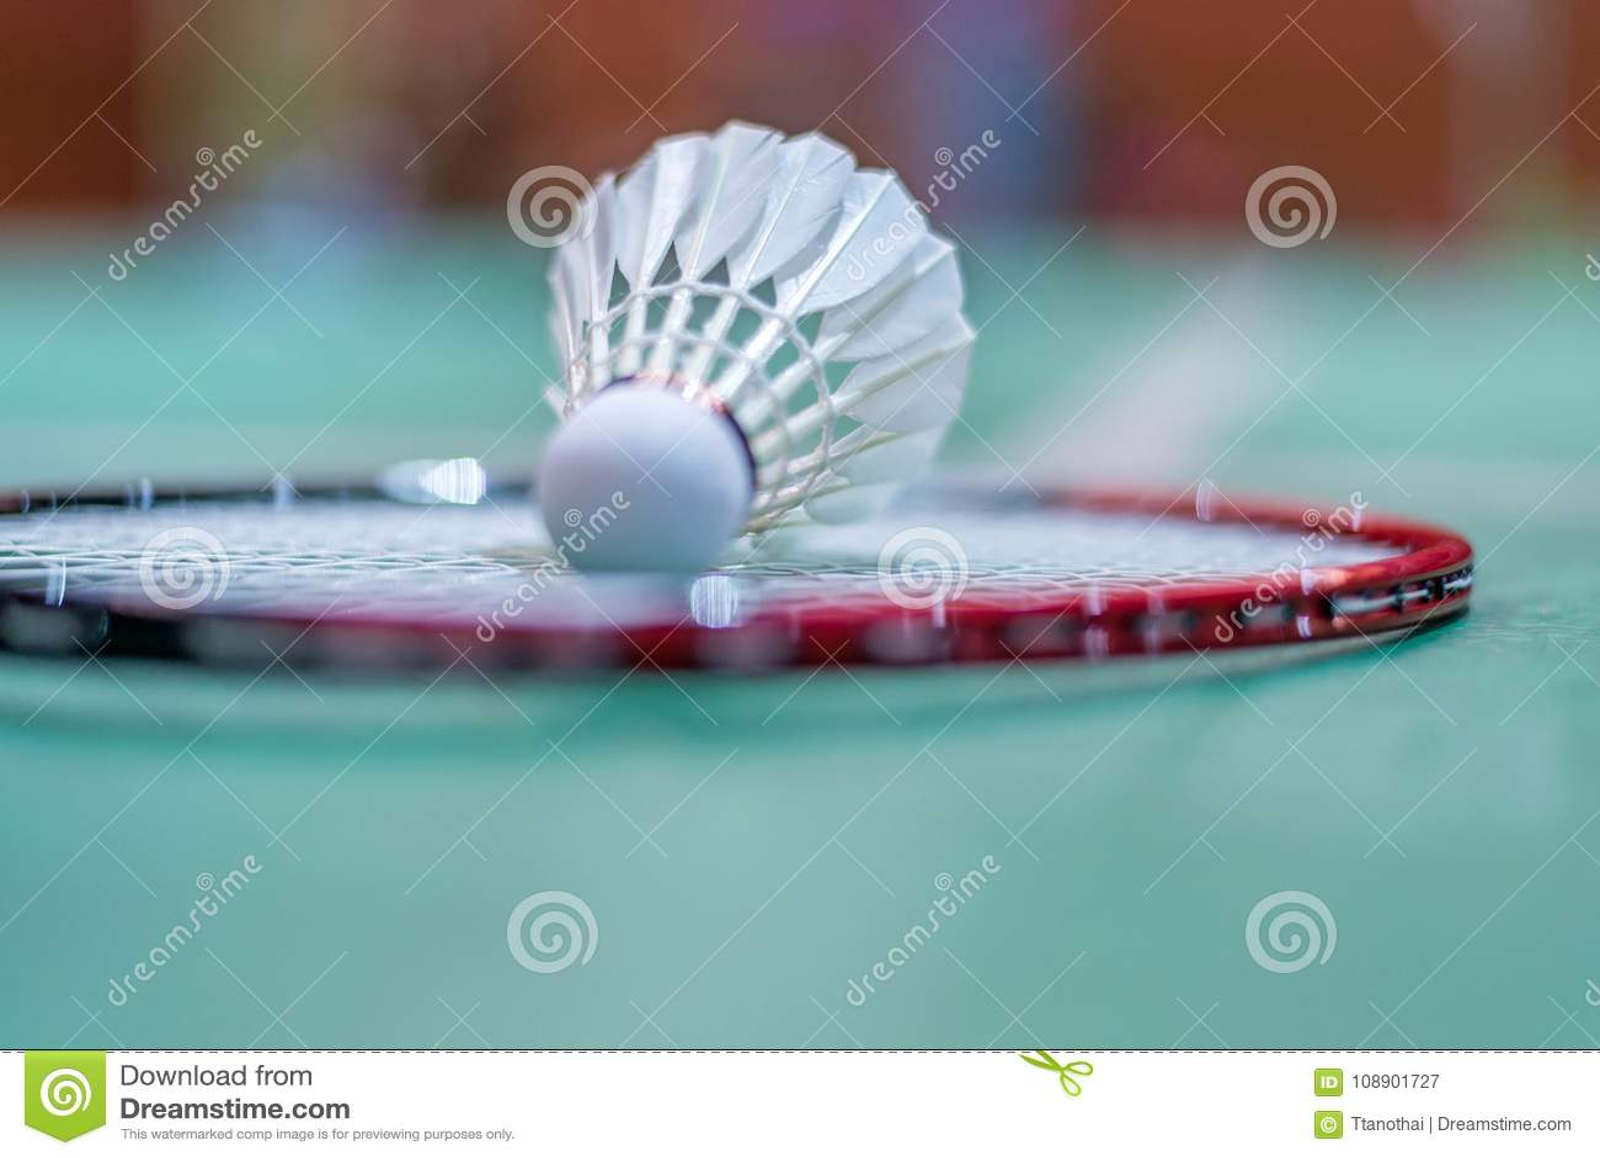 在羽毛球拍的羽毛球shuttlecock在地板上